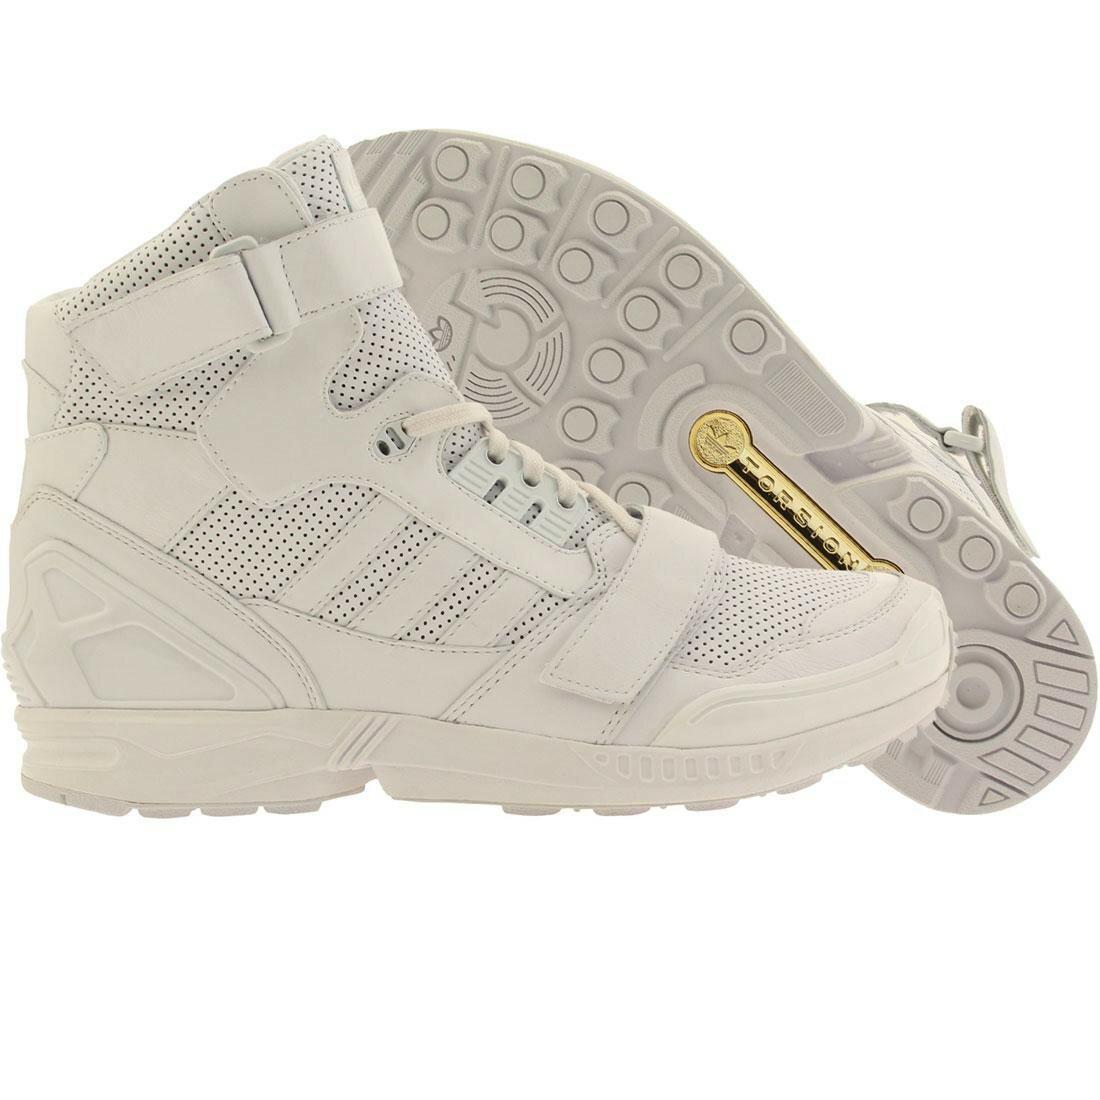 メンズ靴, スニーカー  ADIDAS Junn.j X Junn.j Men Zx 8000 Mid Jj (white Ftwr White Gold Met White) White Ftwr White Gold Met White